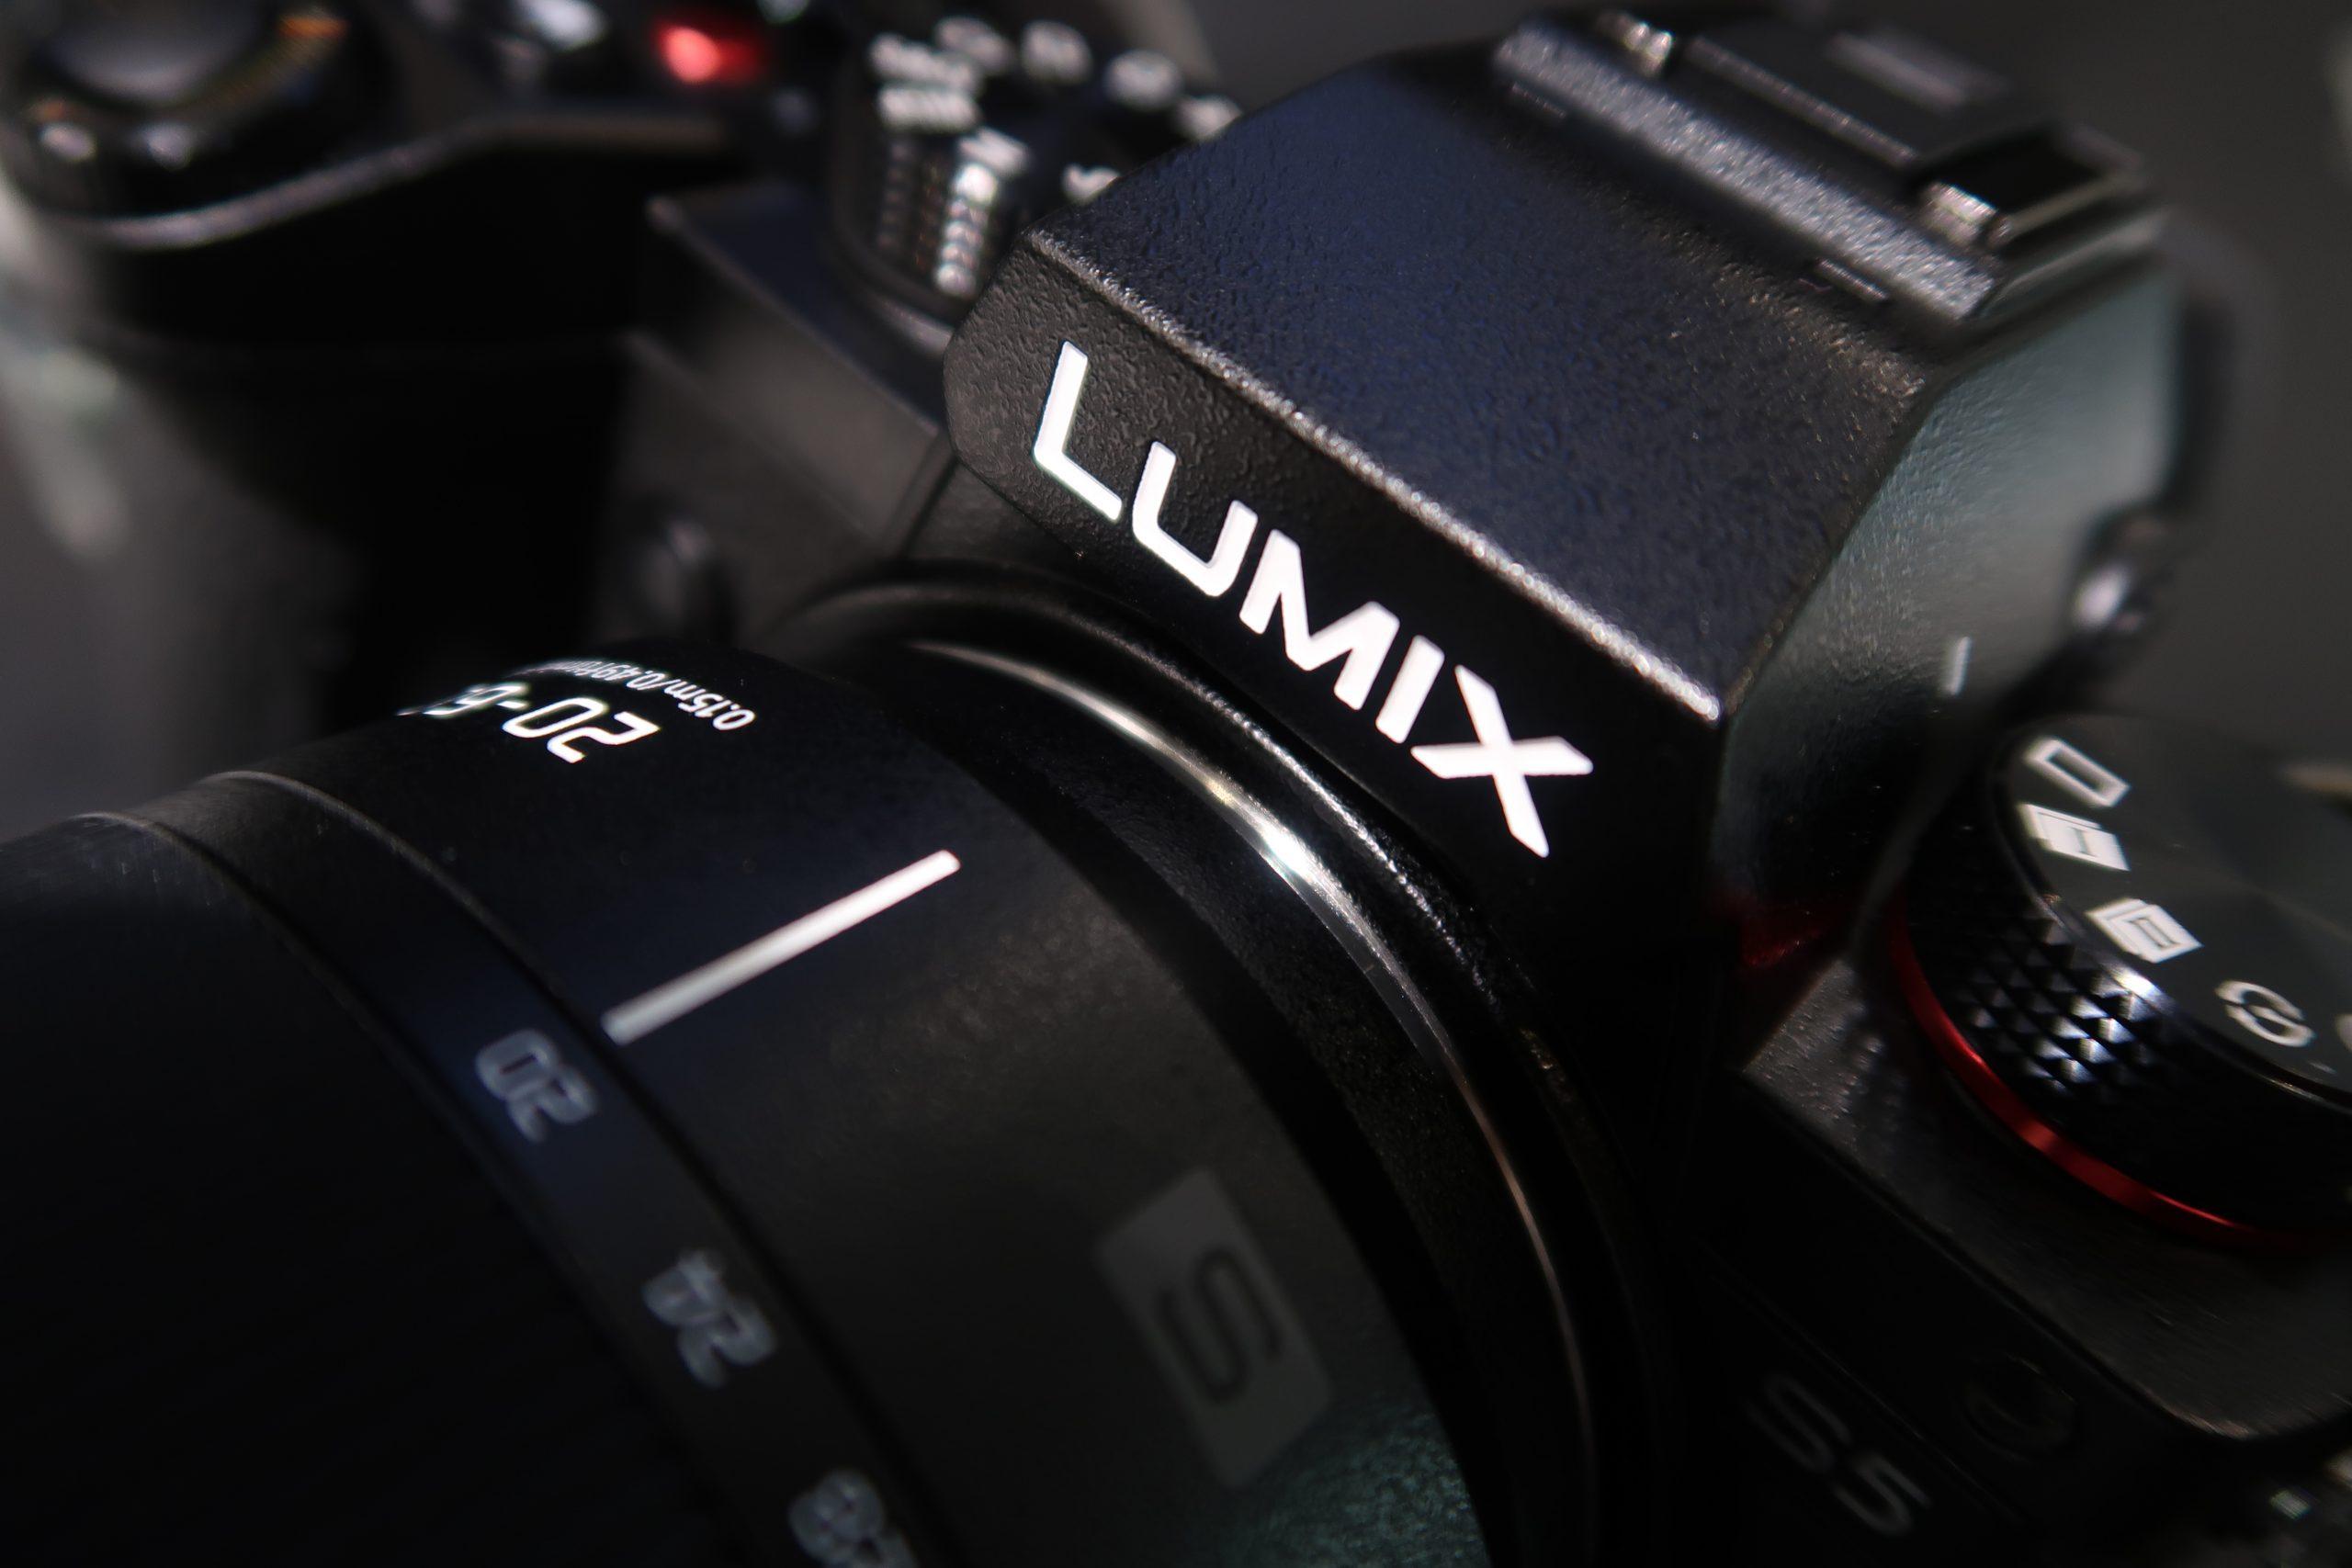 【Panasonic】カメラの衣替え~フィルムカメラからミラーレス一眼へ